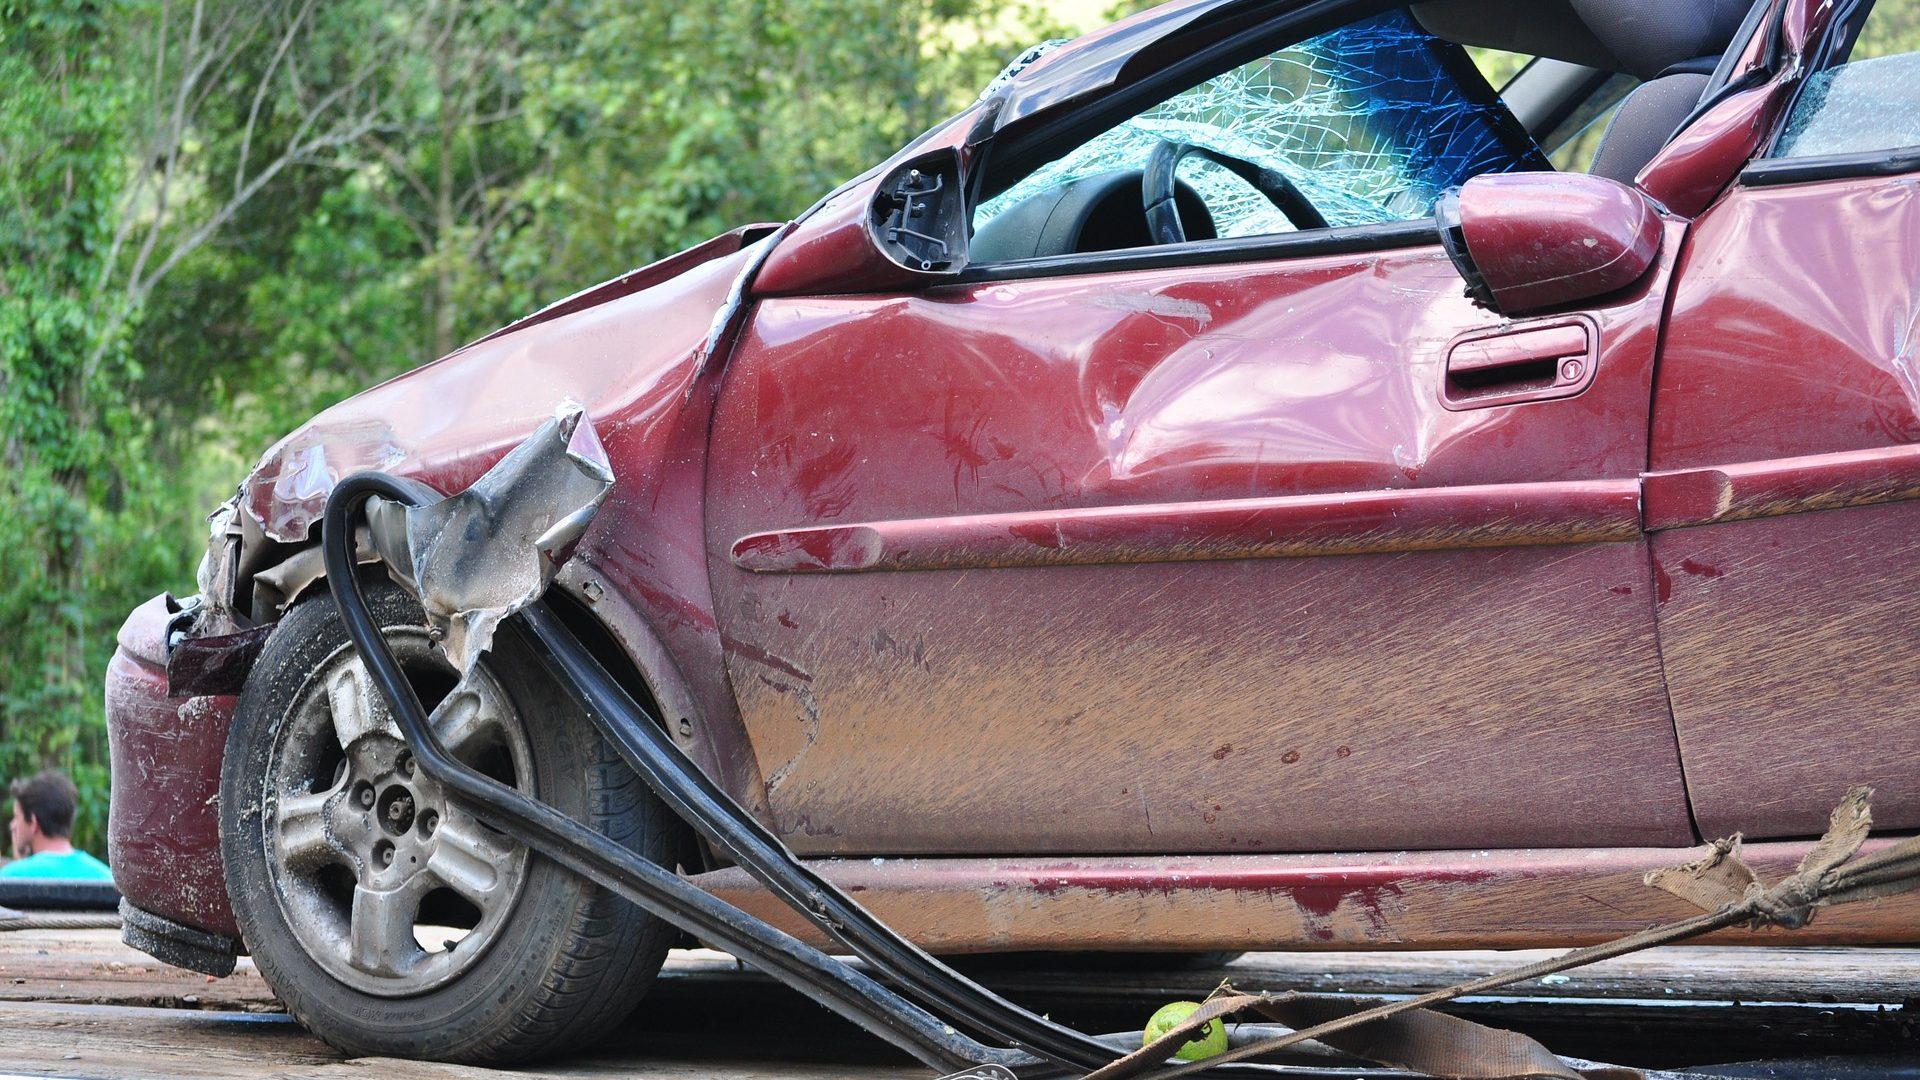 איגוד חברות הביטוח:יש לבטל את הוראת משרד התחבורה לשמאים לקבוע את מחיר החלף לפי התעריף של היבואן